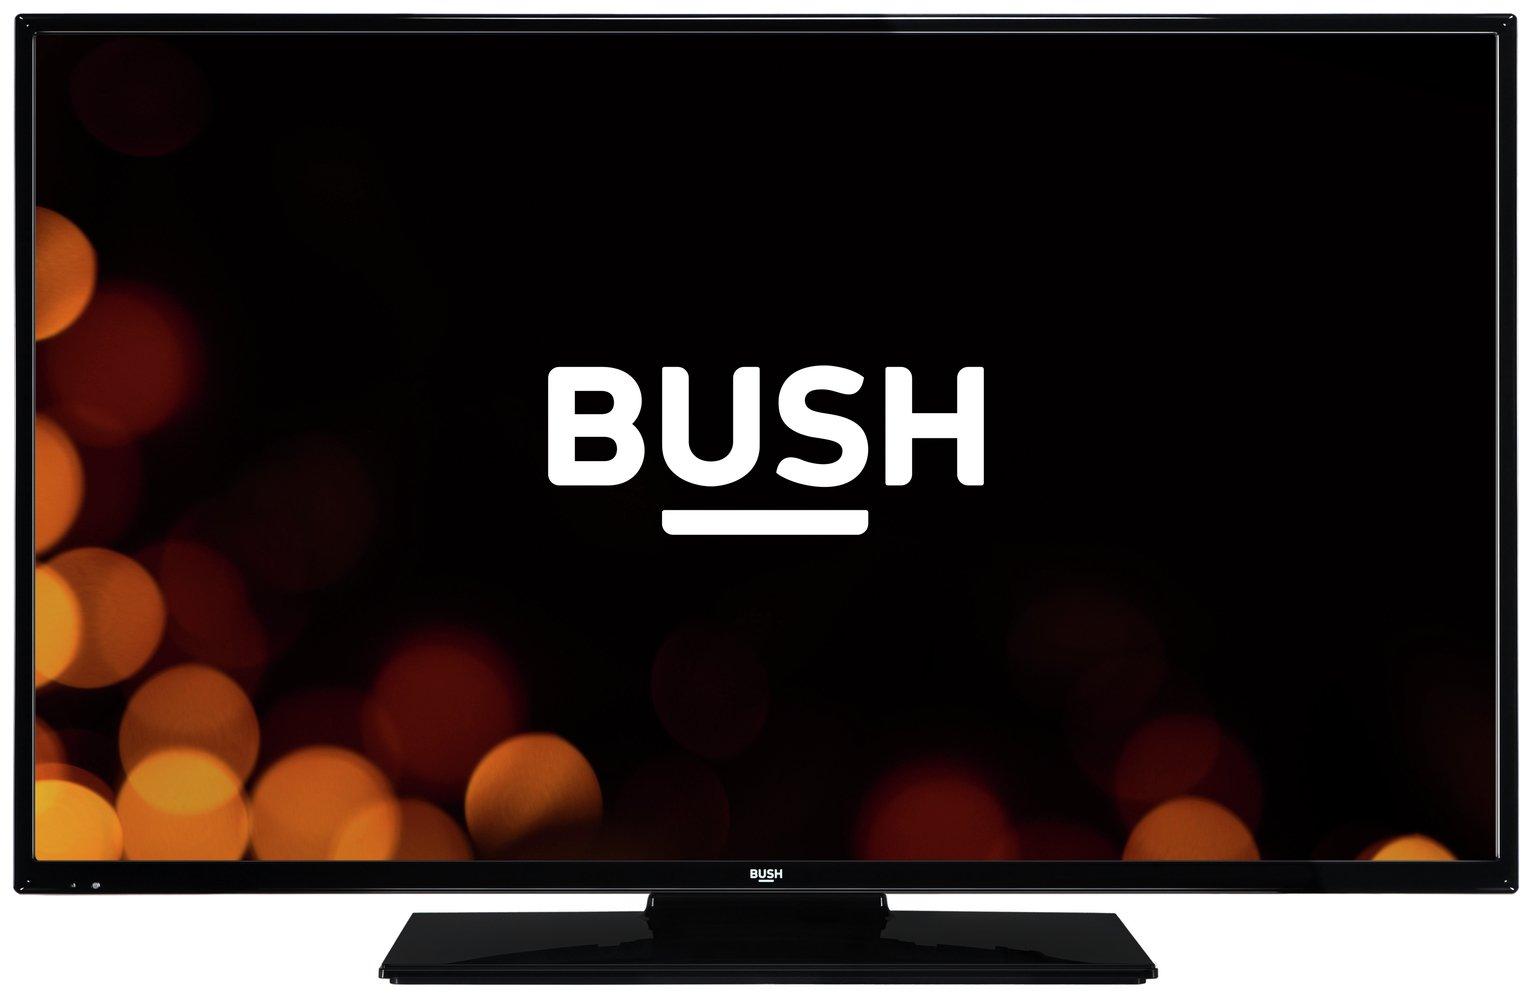 Bush 40 Inch Full HD TV